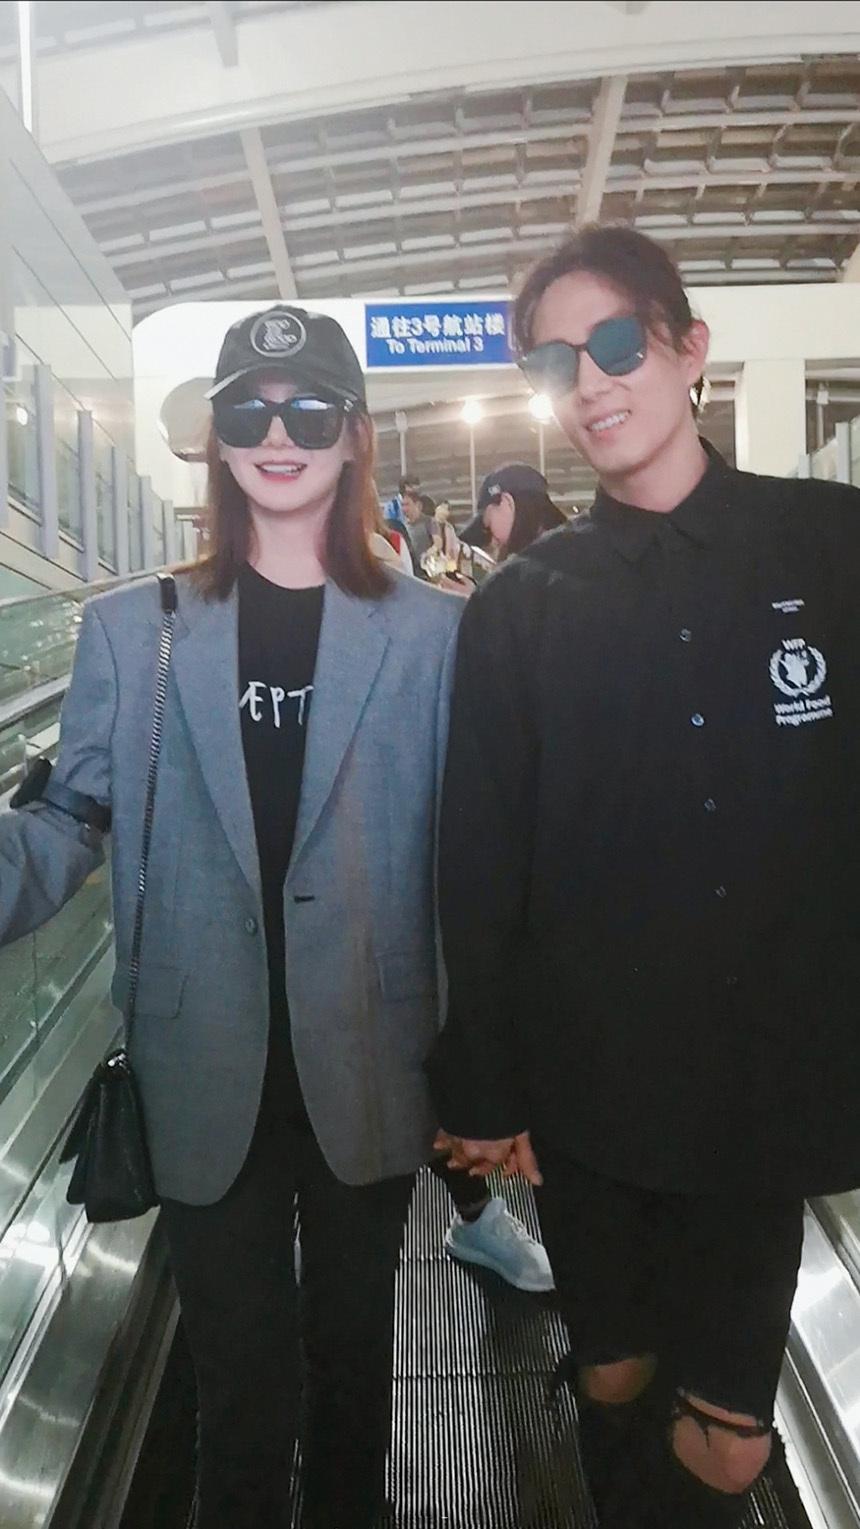 戚薇一家三口机场秀恩爱,果然是时尚潮人,时装周最新设计都用上了!